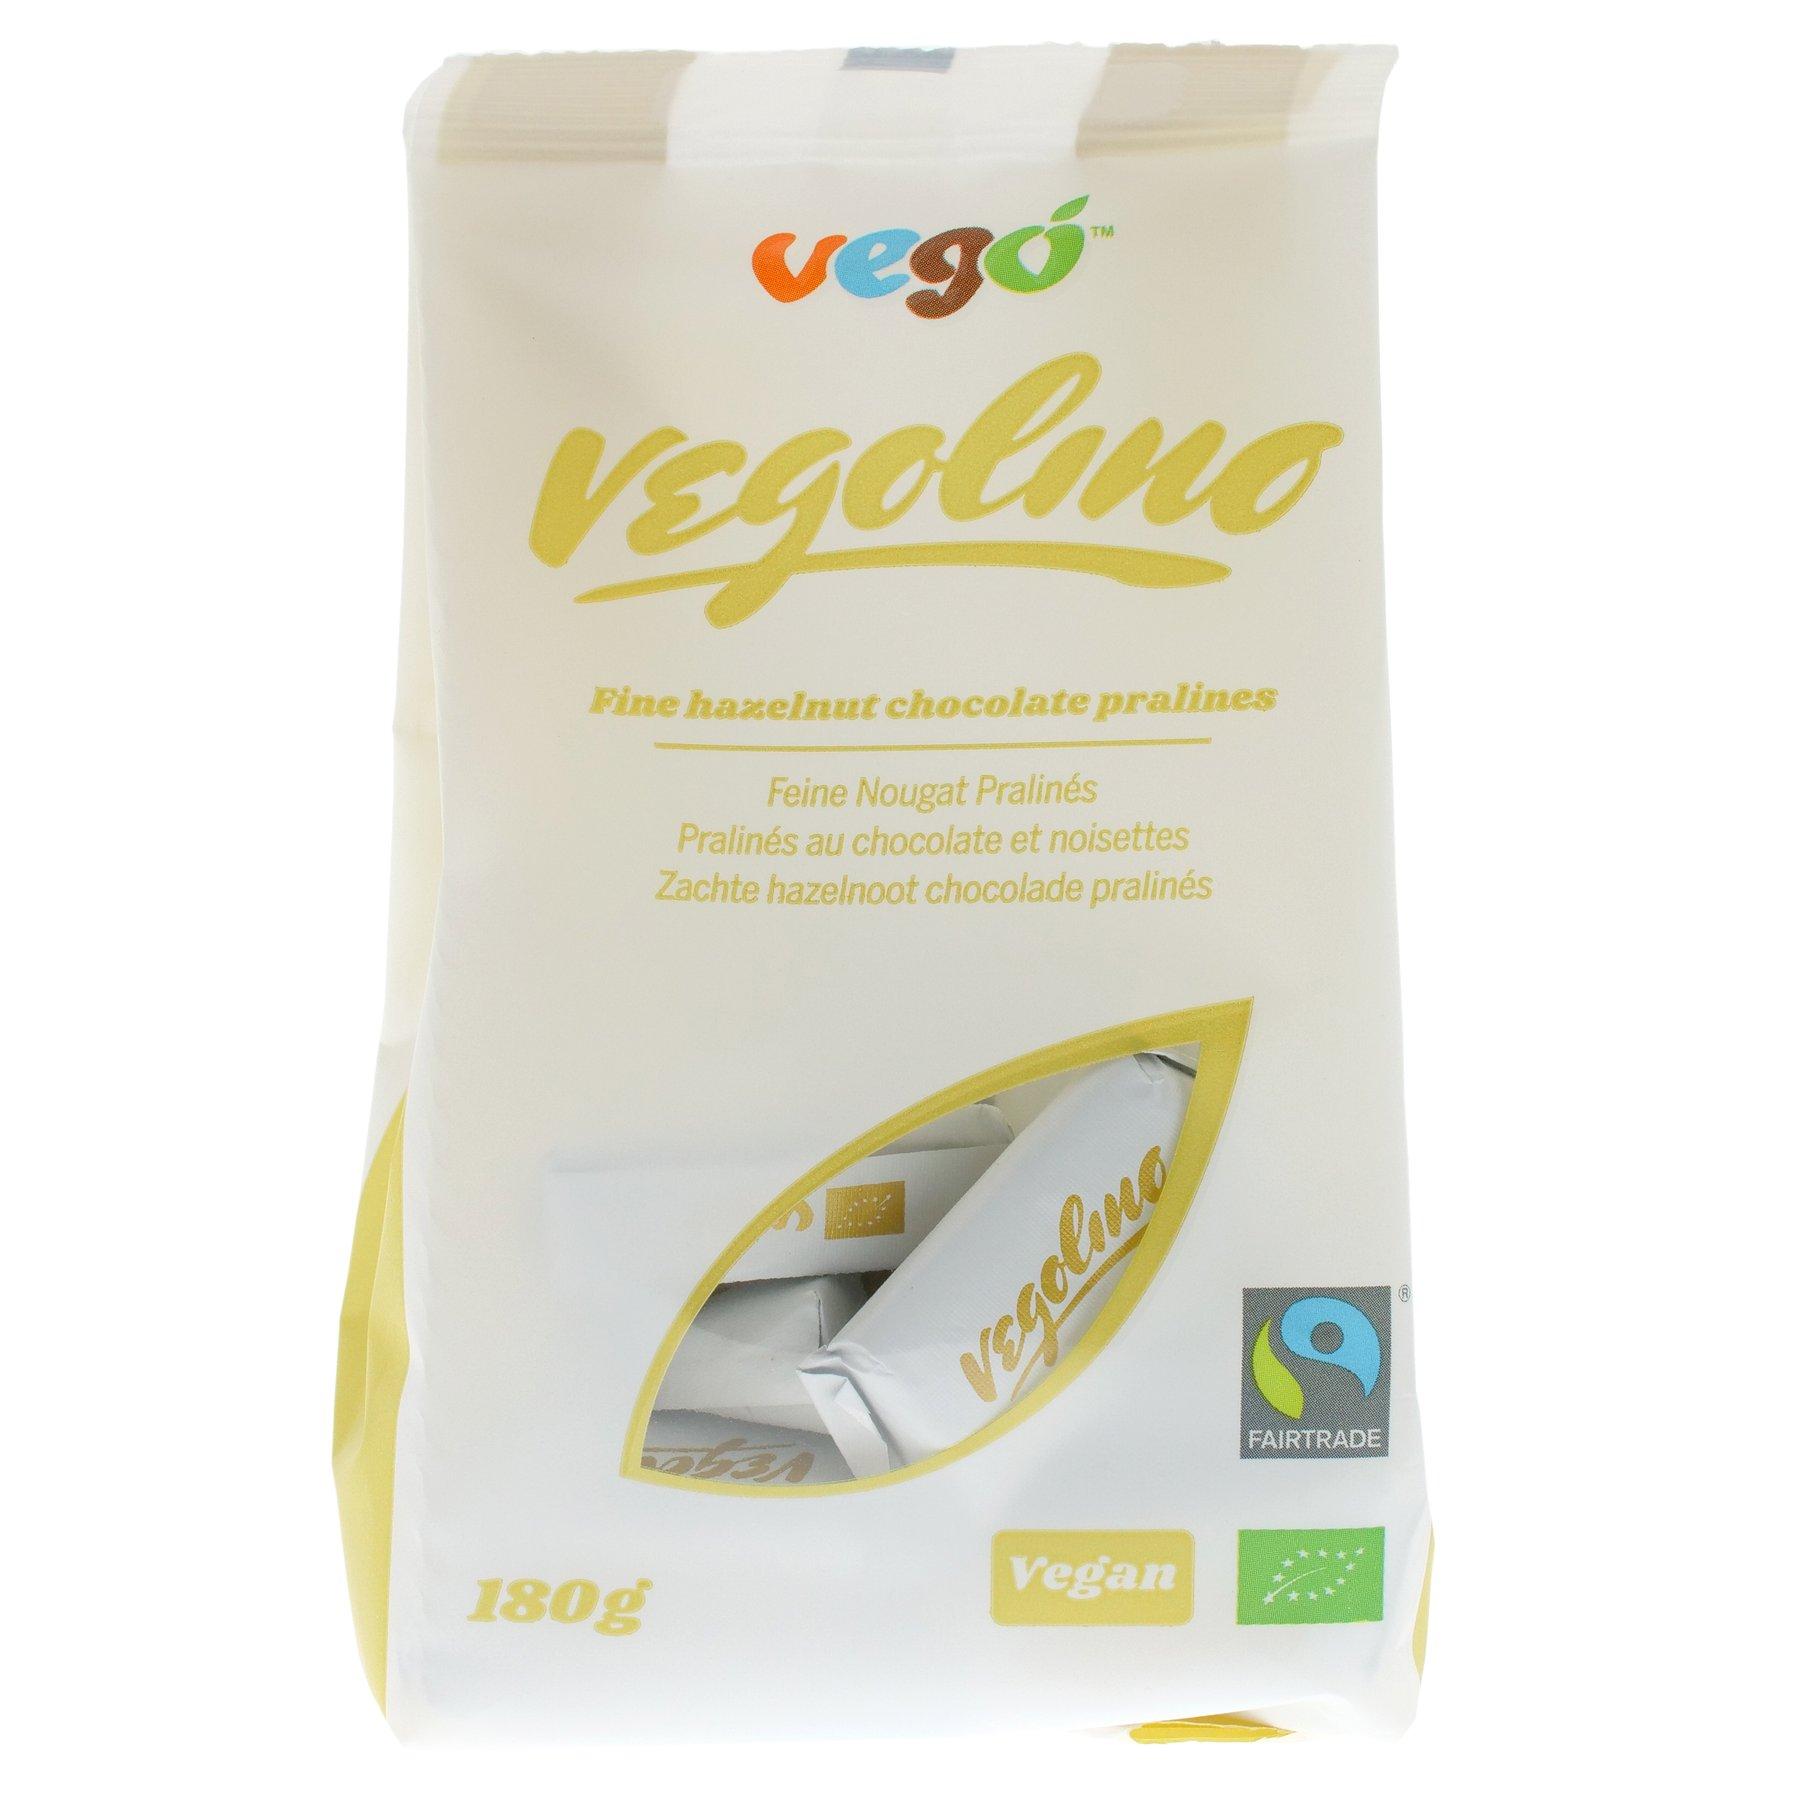 VEGOLINO - FINE HAZELNUT CHOCOLATE PRALINES VEGAN - 180g